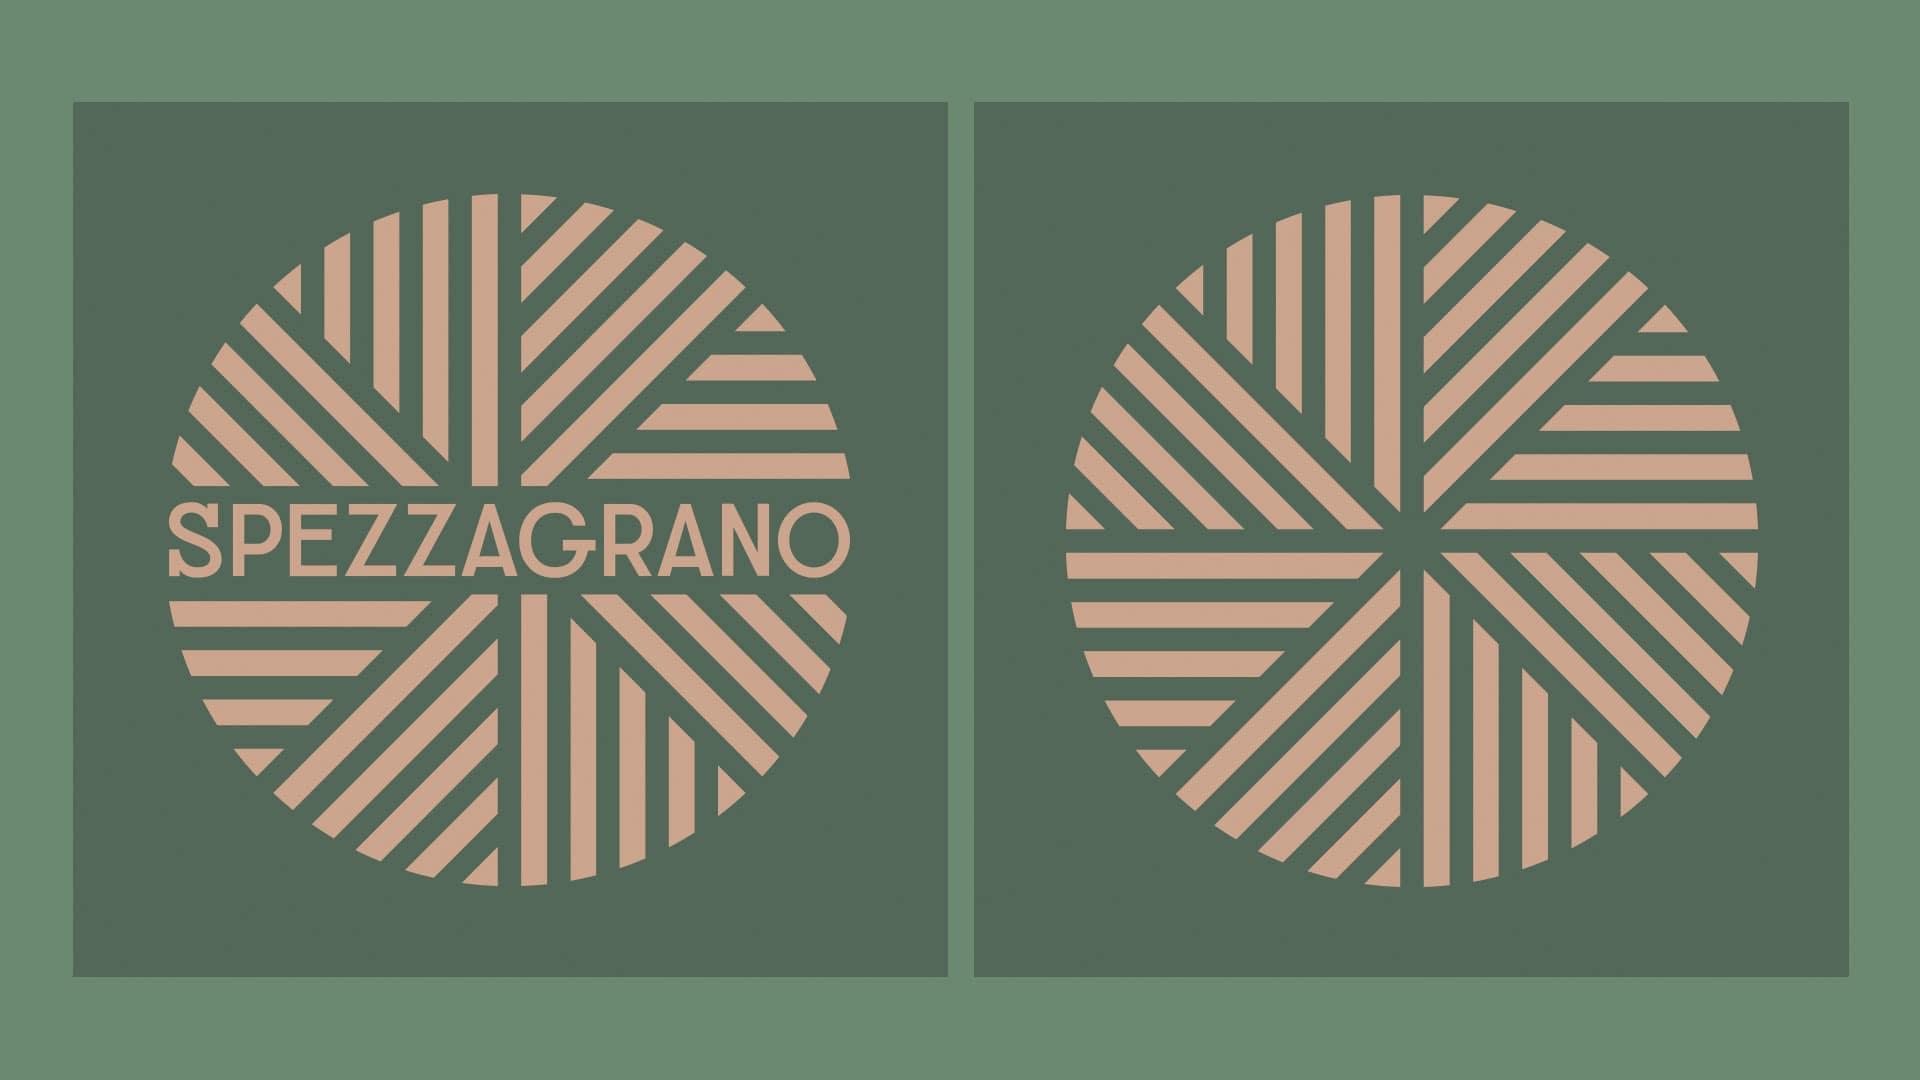 gra brand design spezzagrano 3